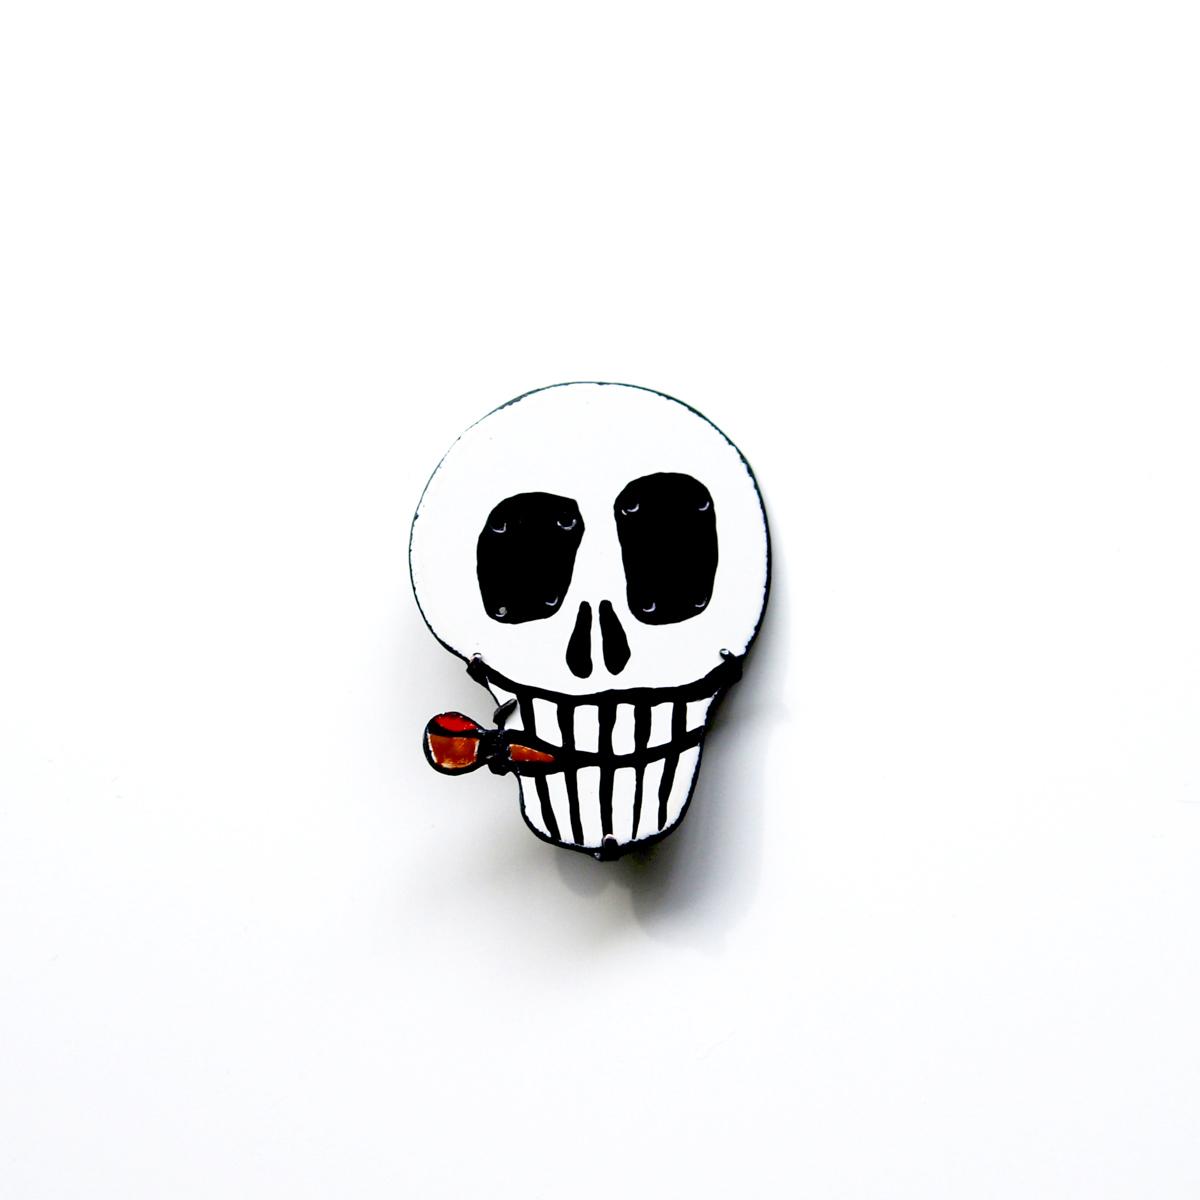 Smoking Skull Brooch